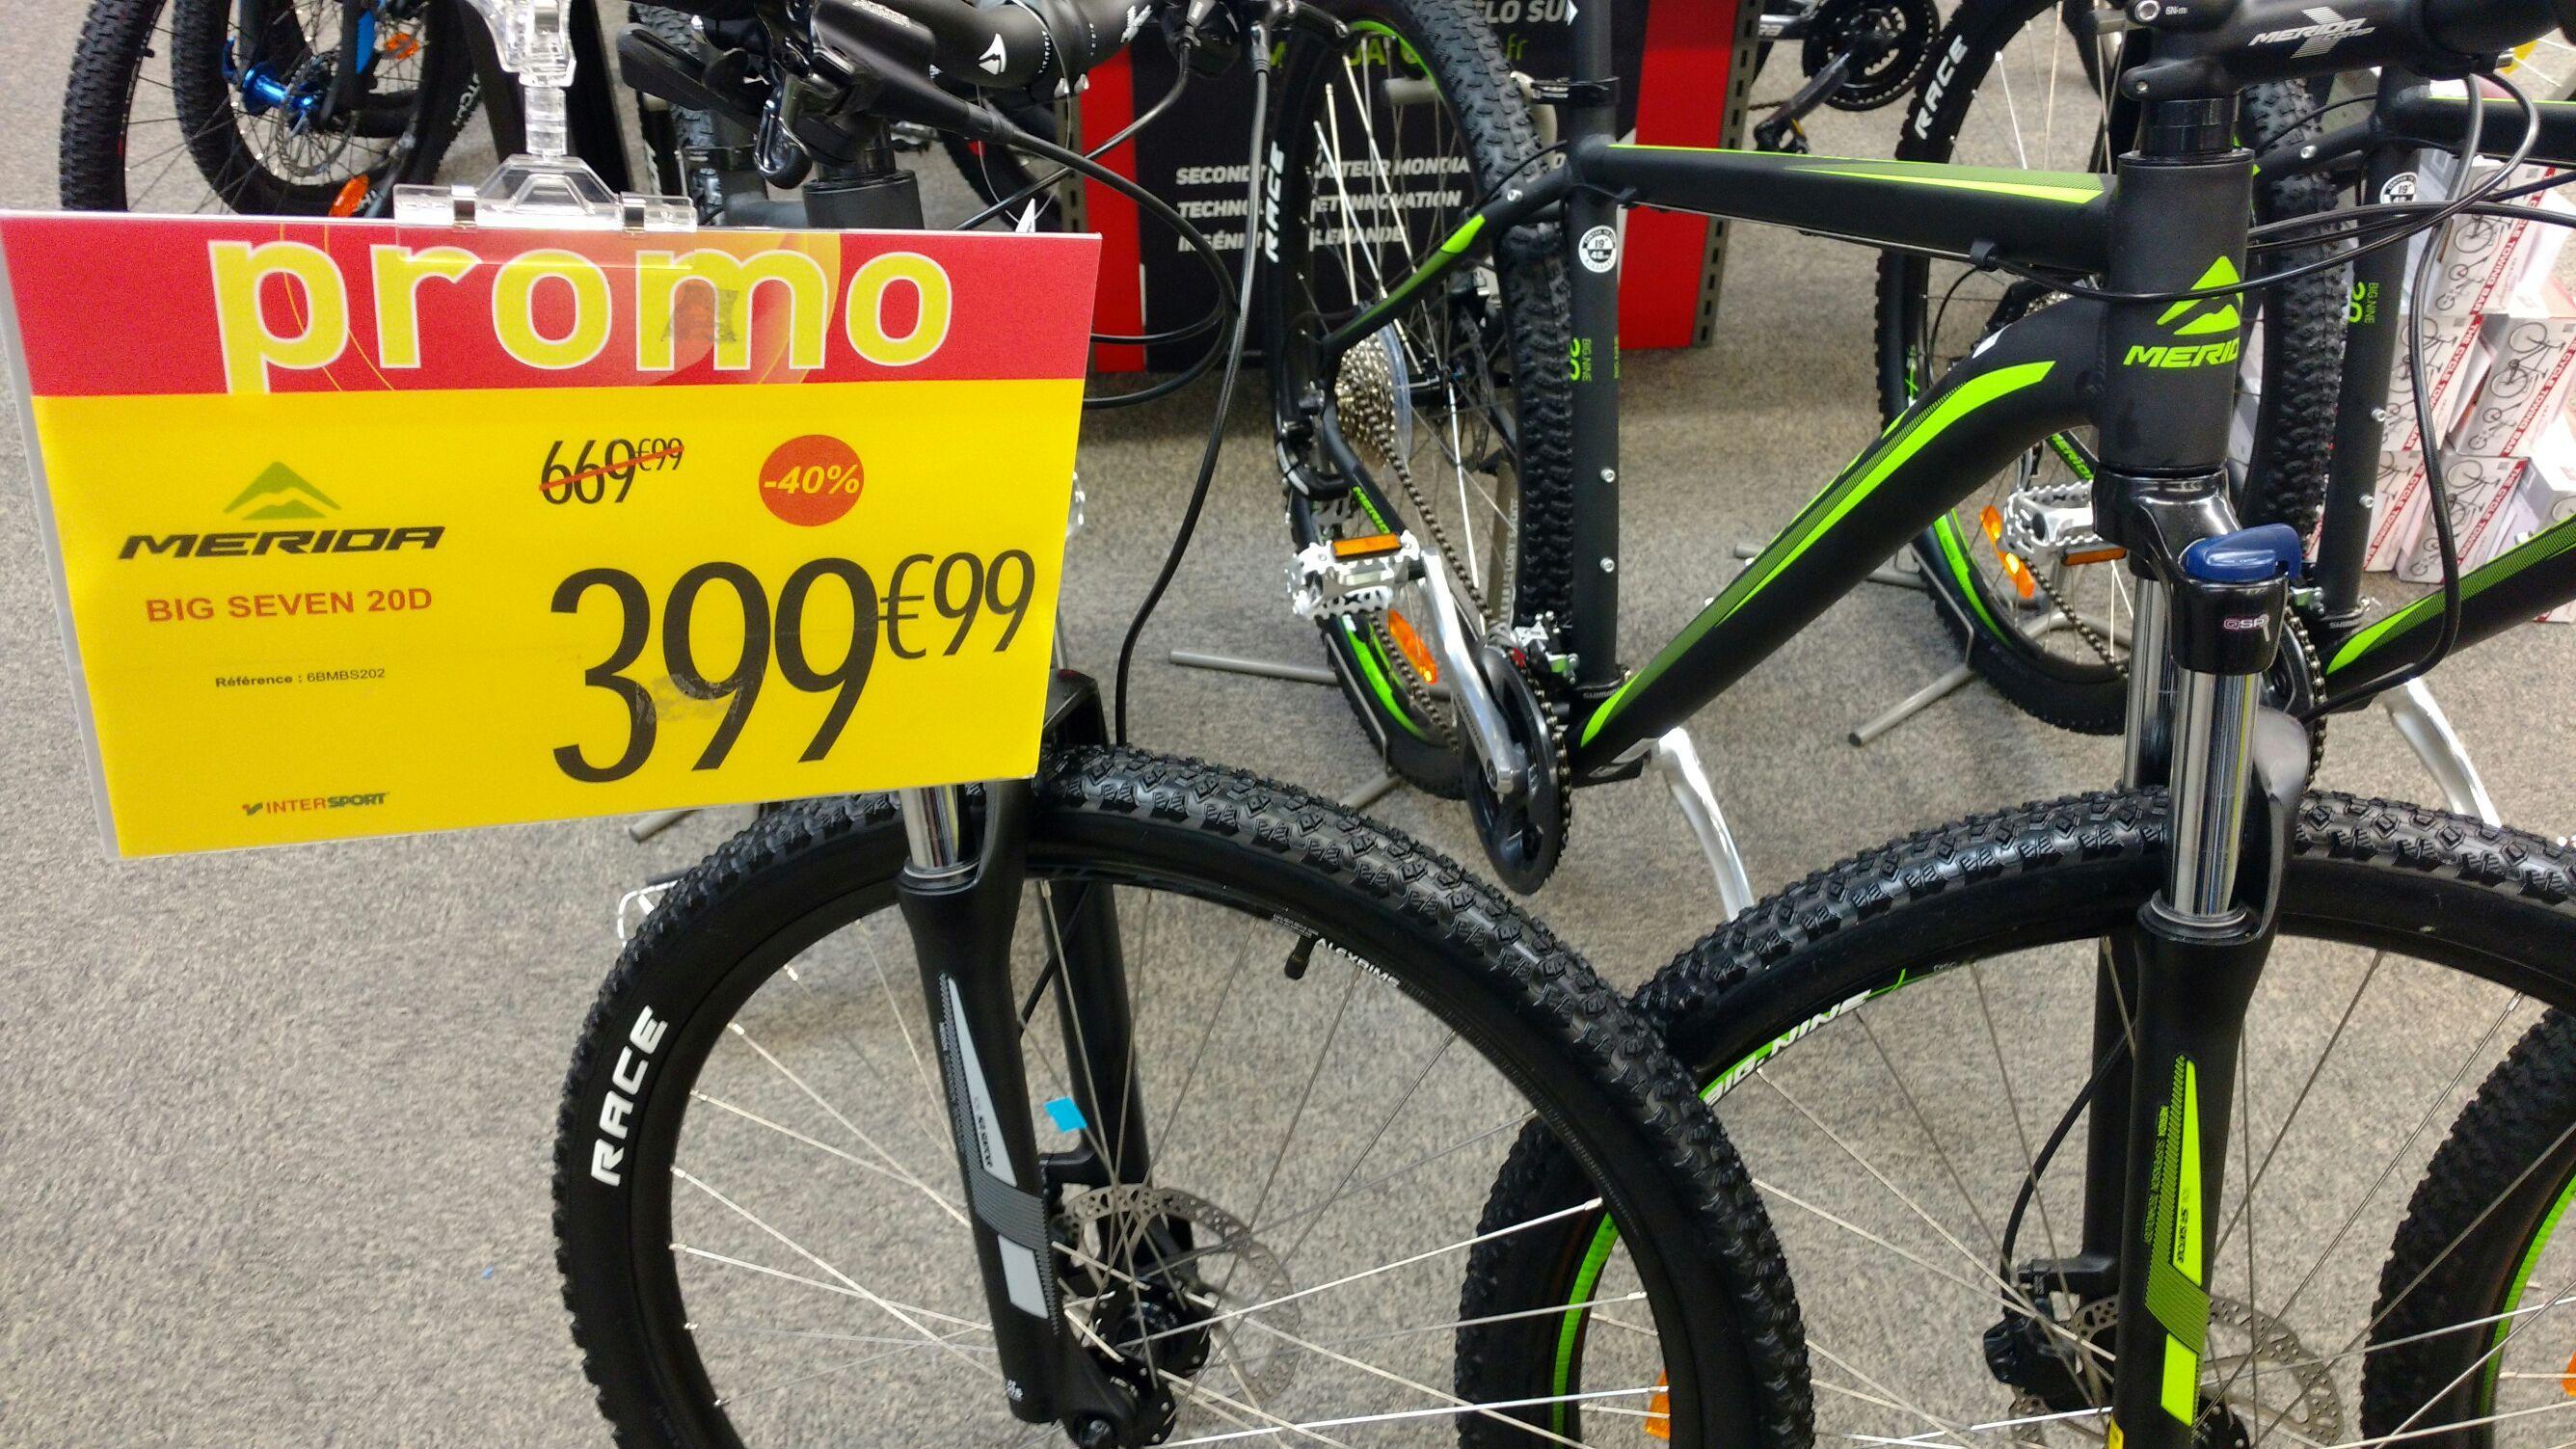 Vélo de rando  Merida big seven 20D